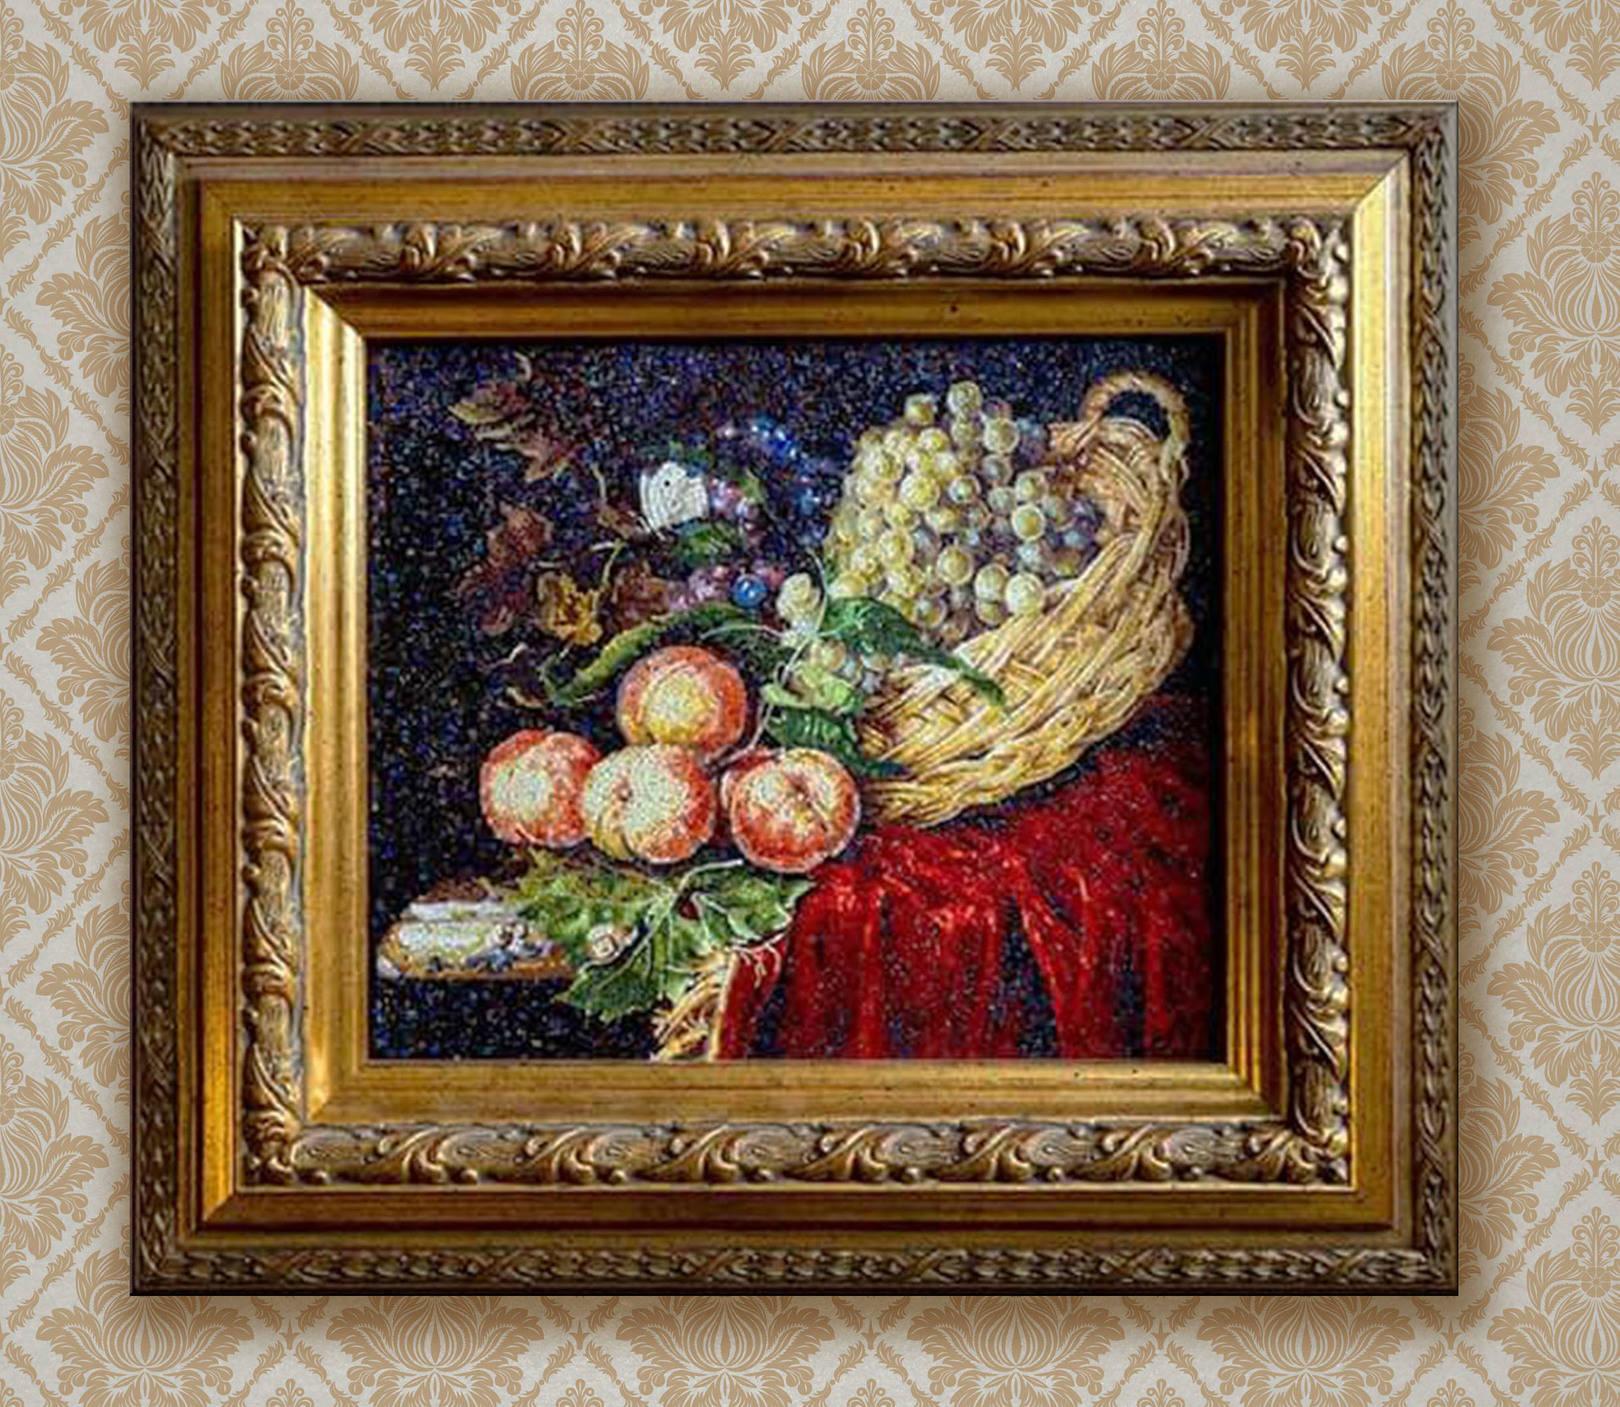 Копия картины  Виллем  ван  Алст   «фрукты» 1660 г . ( 17 Х 20 см ) . Работа выполнена в технике микромозаика . Для работы использовалась итальянская смальта ORSONI . Способностью смальты колоться на маленький модуль  ( 1,2,3 мм)и наличие богатой цветовой палитры  позволяет создавать картины в технике микромозаика  небольших размеров . Так же это дает возможность копировать известных художников  в оригинальной технике и создавать эксклюзивы для любителей мирового искусства.@irina_nesterova_in